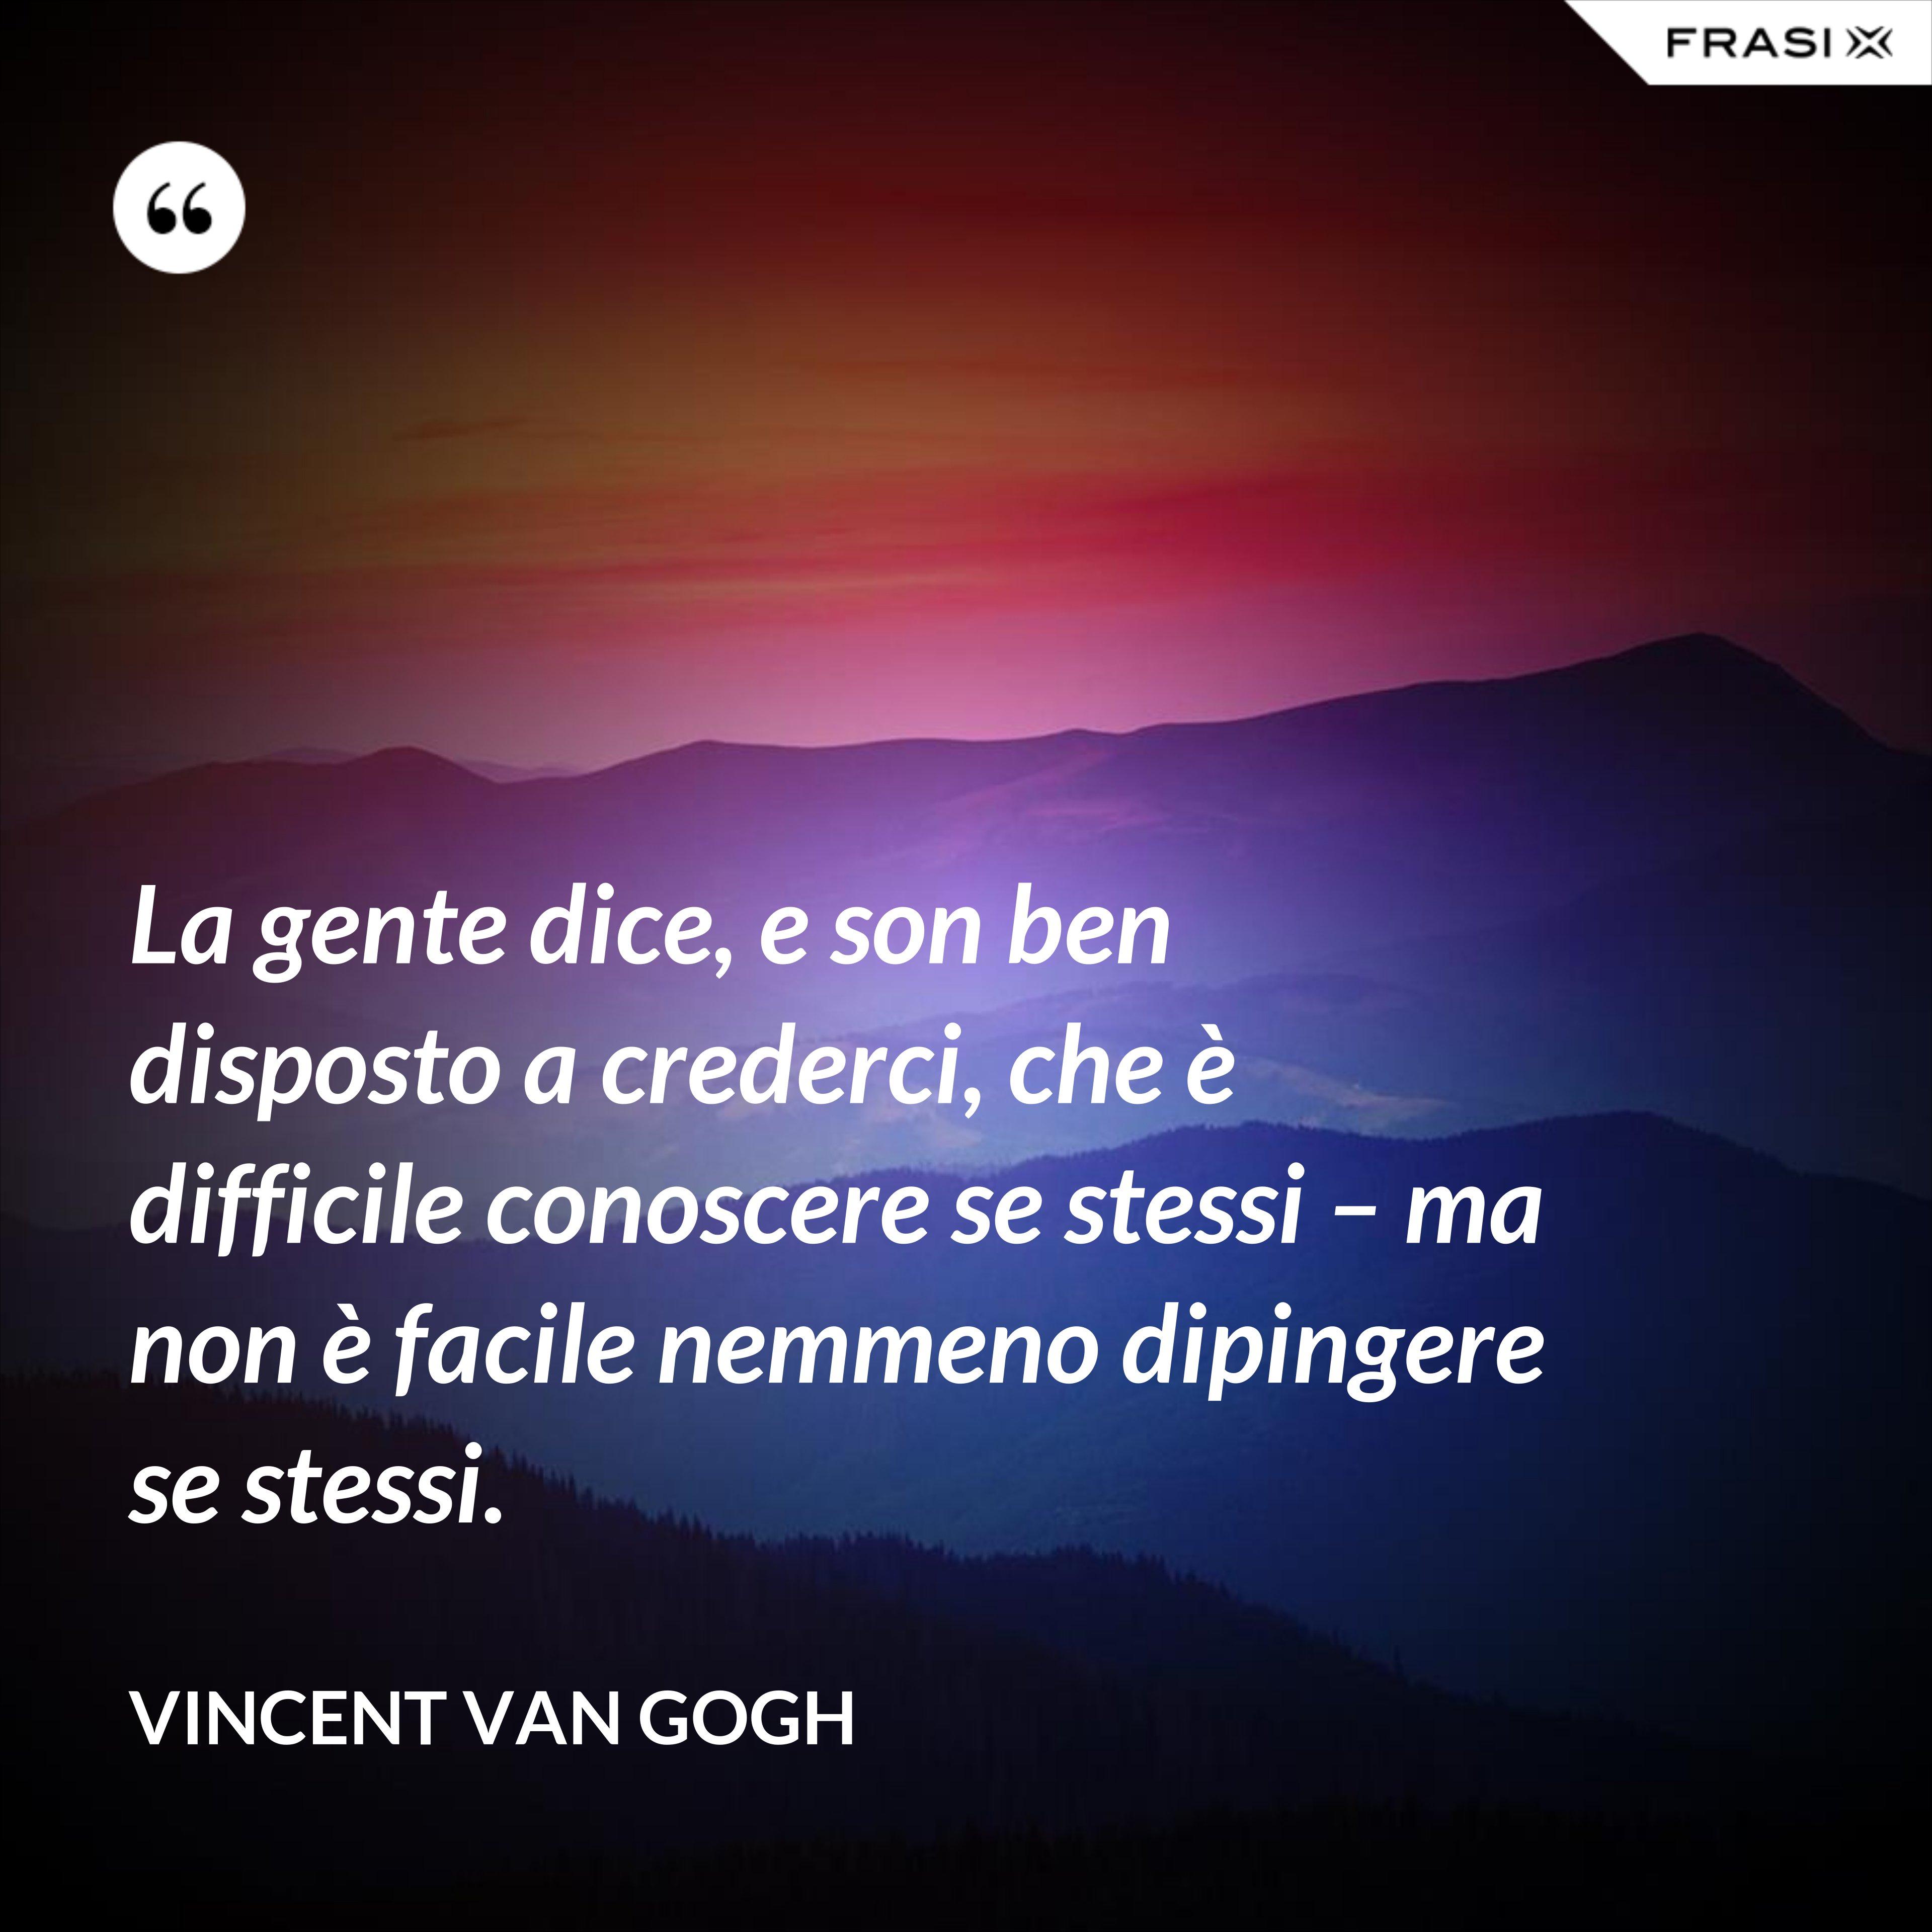 La gente dice, e son ben disposto a crederci, che è difficile conoscere se stessi – ma non è facile nemmeno dipingere se stessi. - Vincent Van Gogh